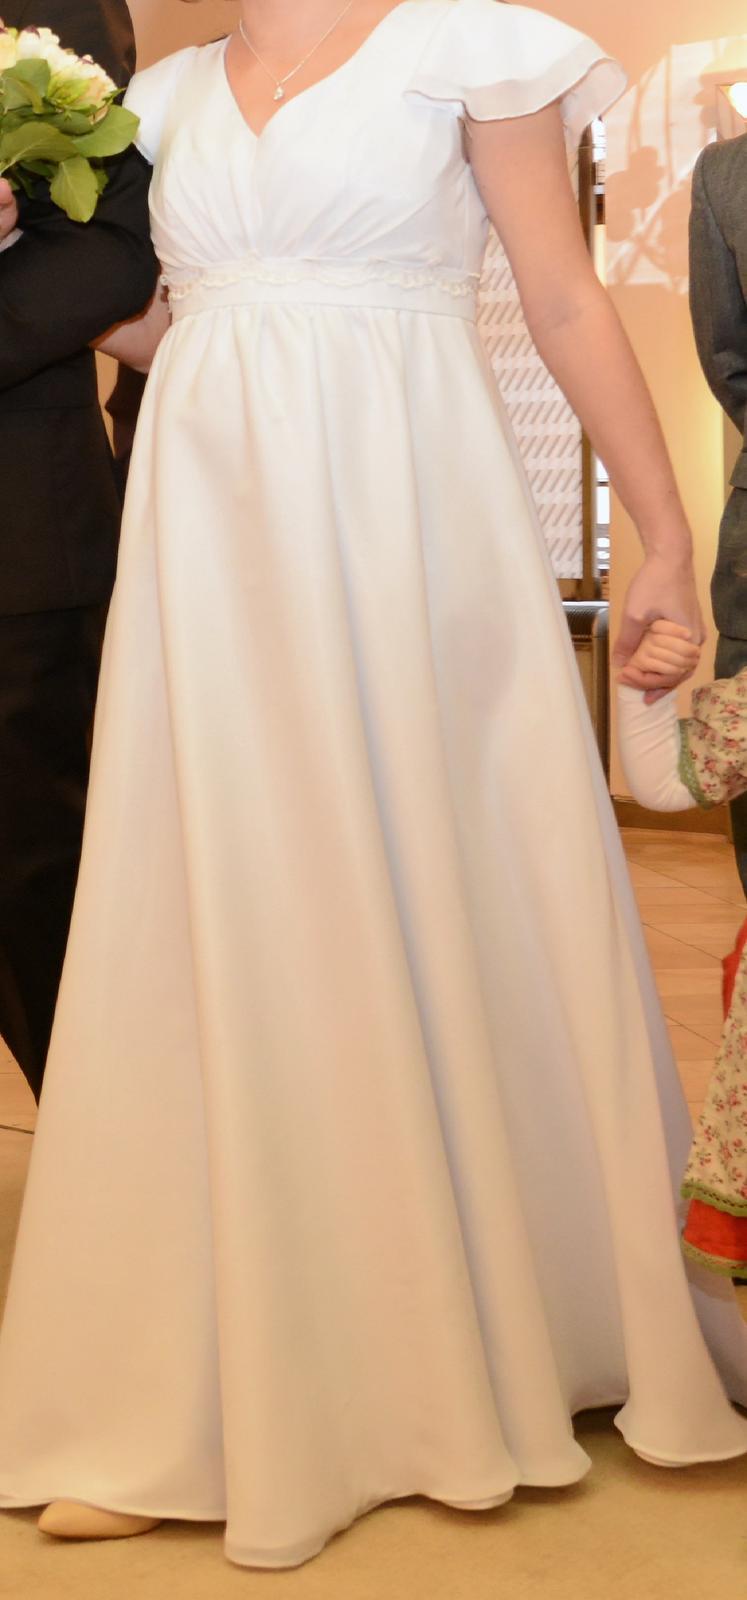 Tehotenské svadobné šaty 7140d0f1b8c